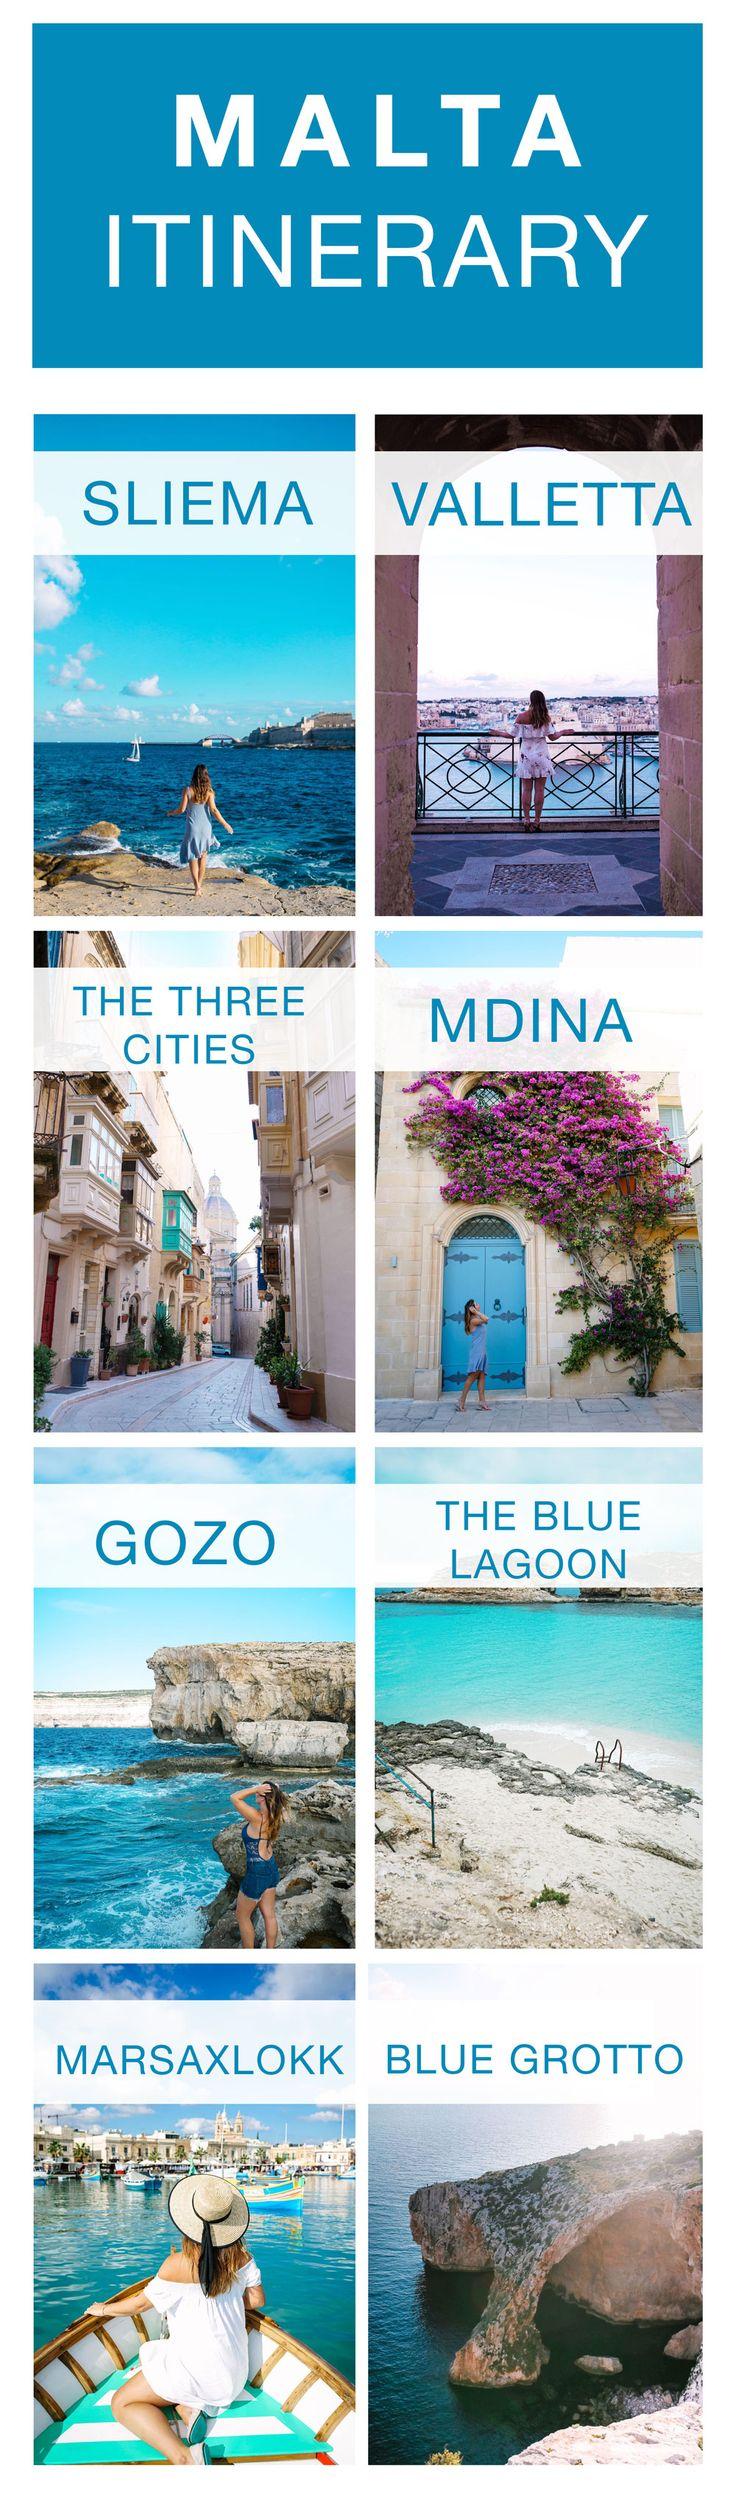 The Complete Malta Travel Guide